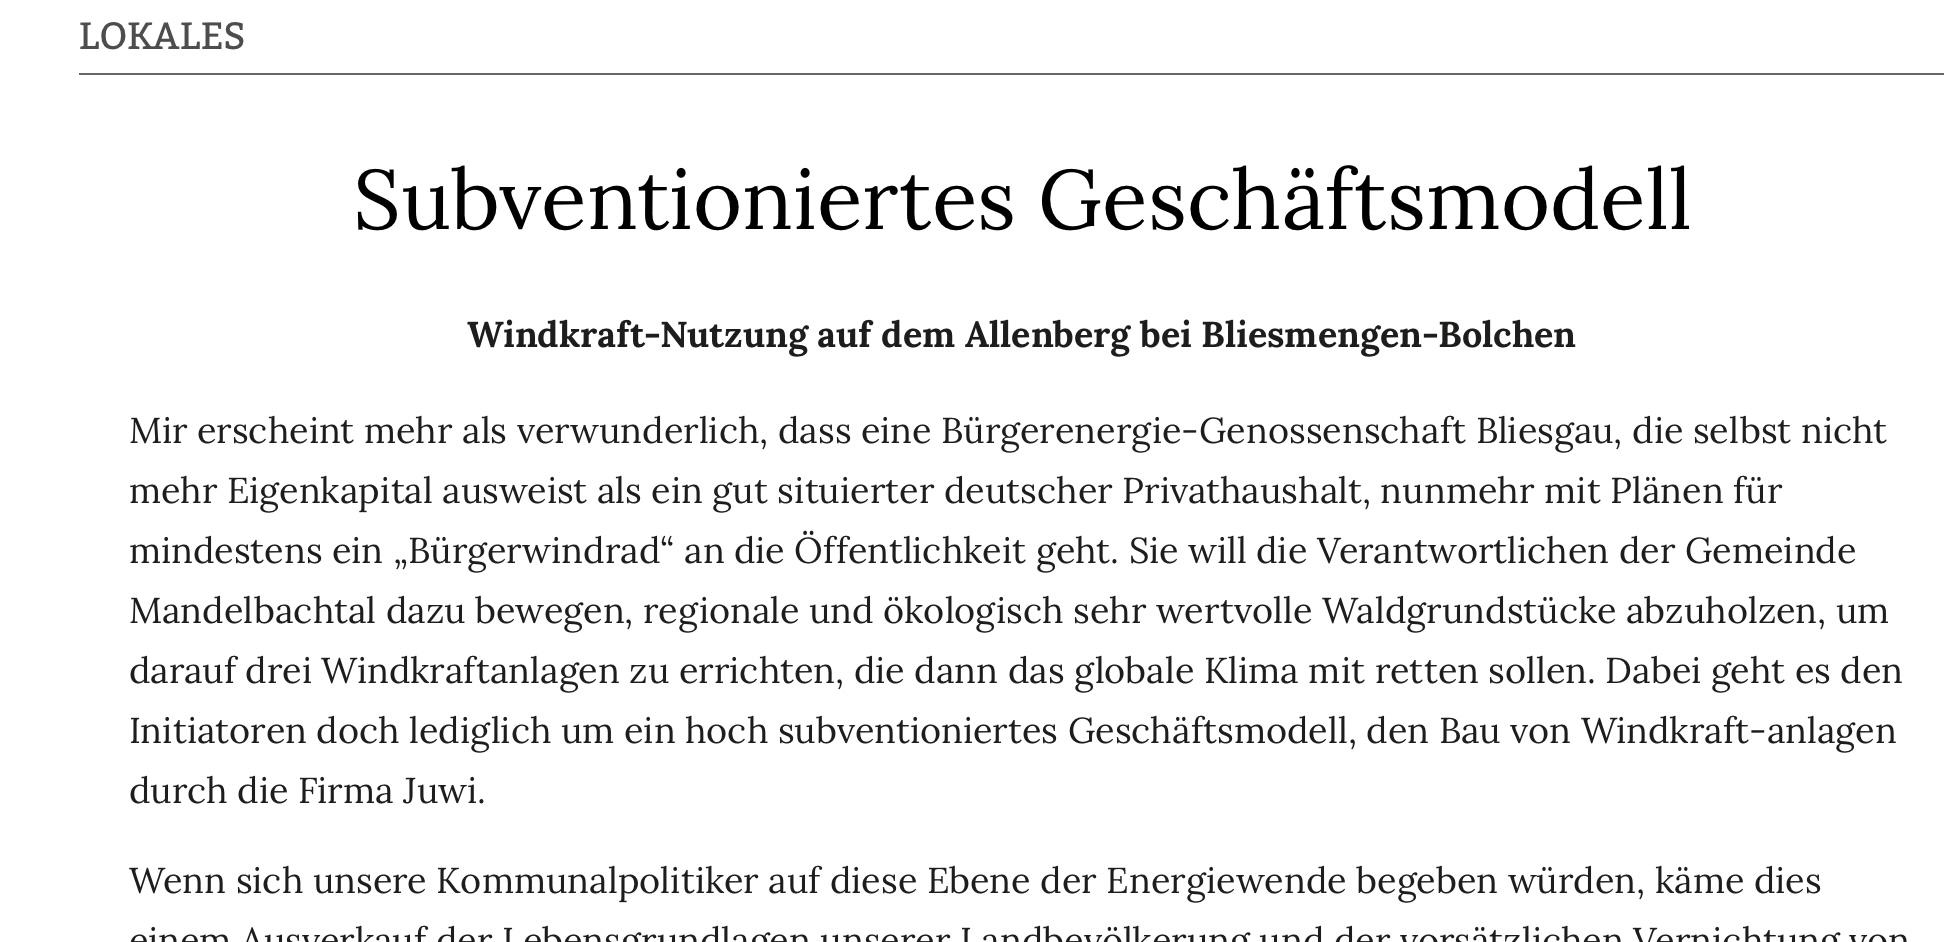 Bemerkenswerter Leserbrief vom 11.08. 2021 aus der Saarbrücker Zeitung